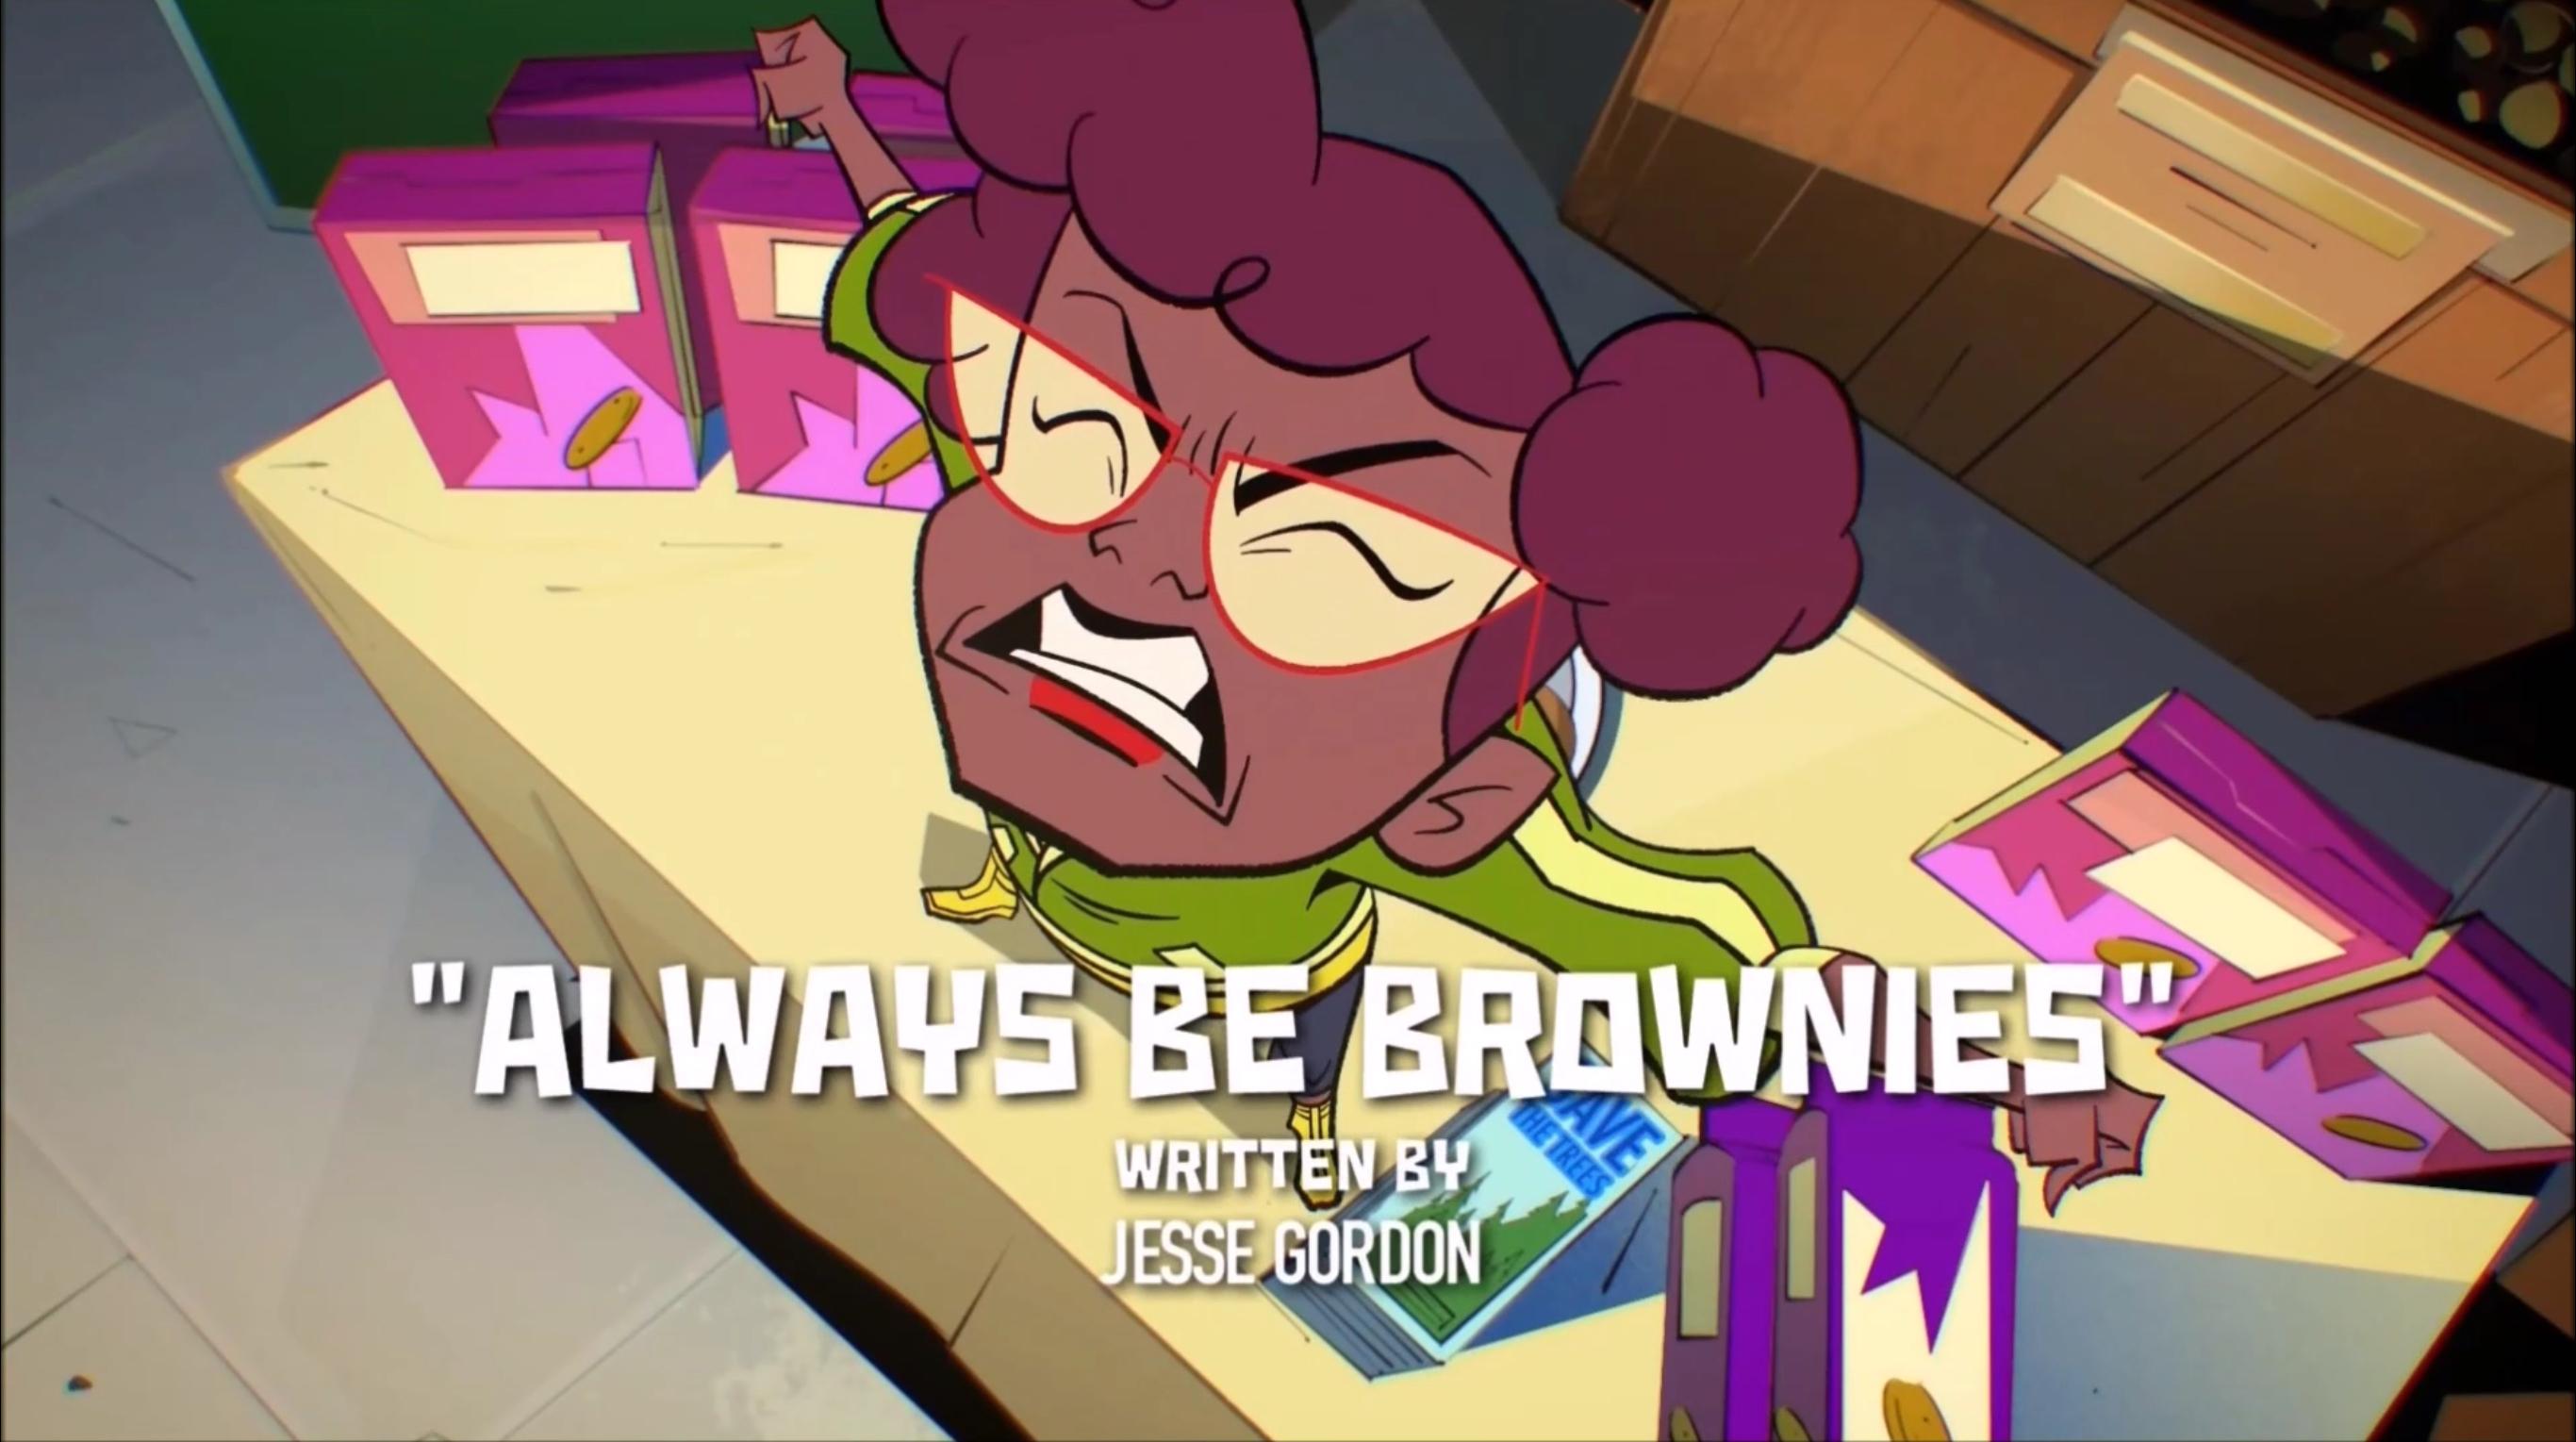 Always Be Brownies